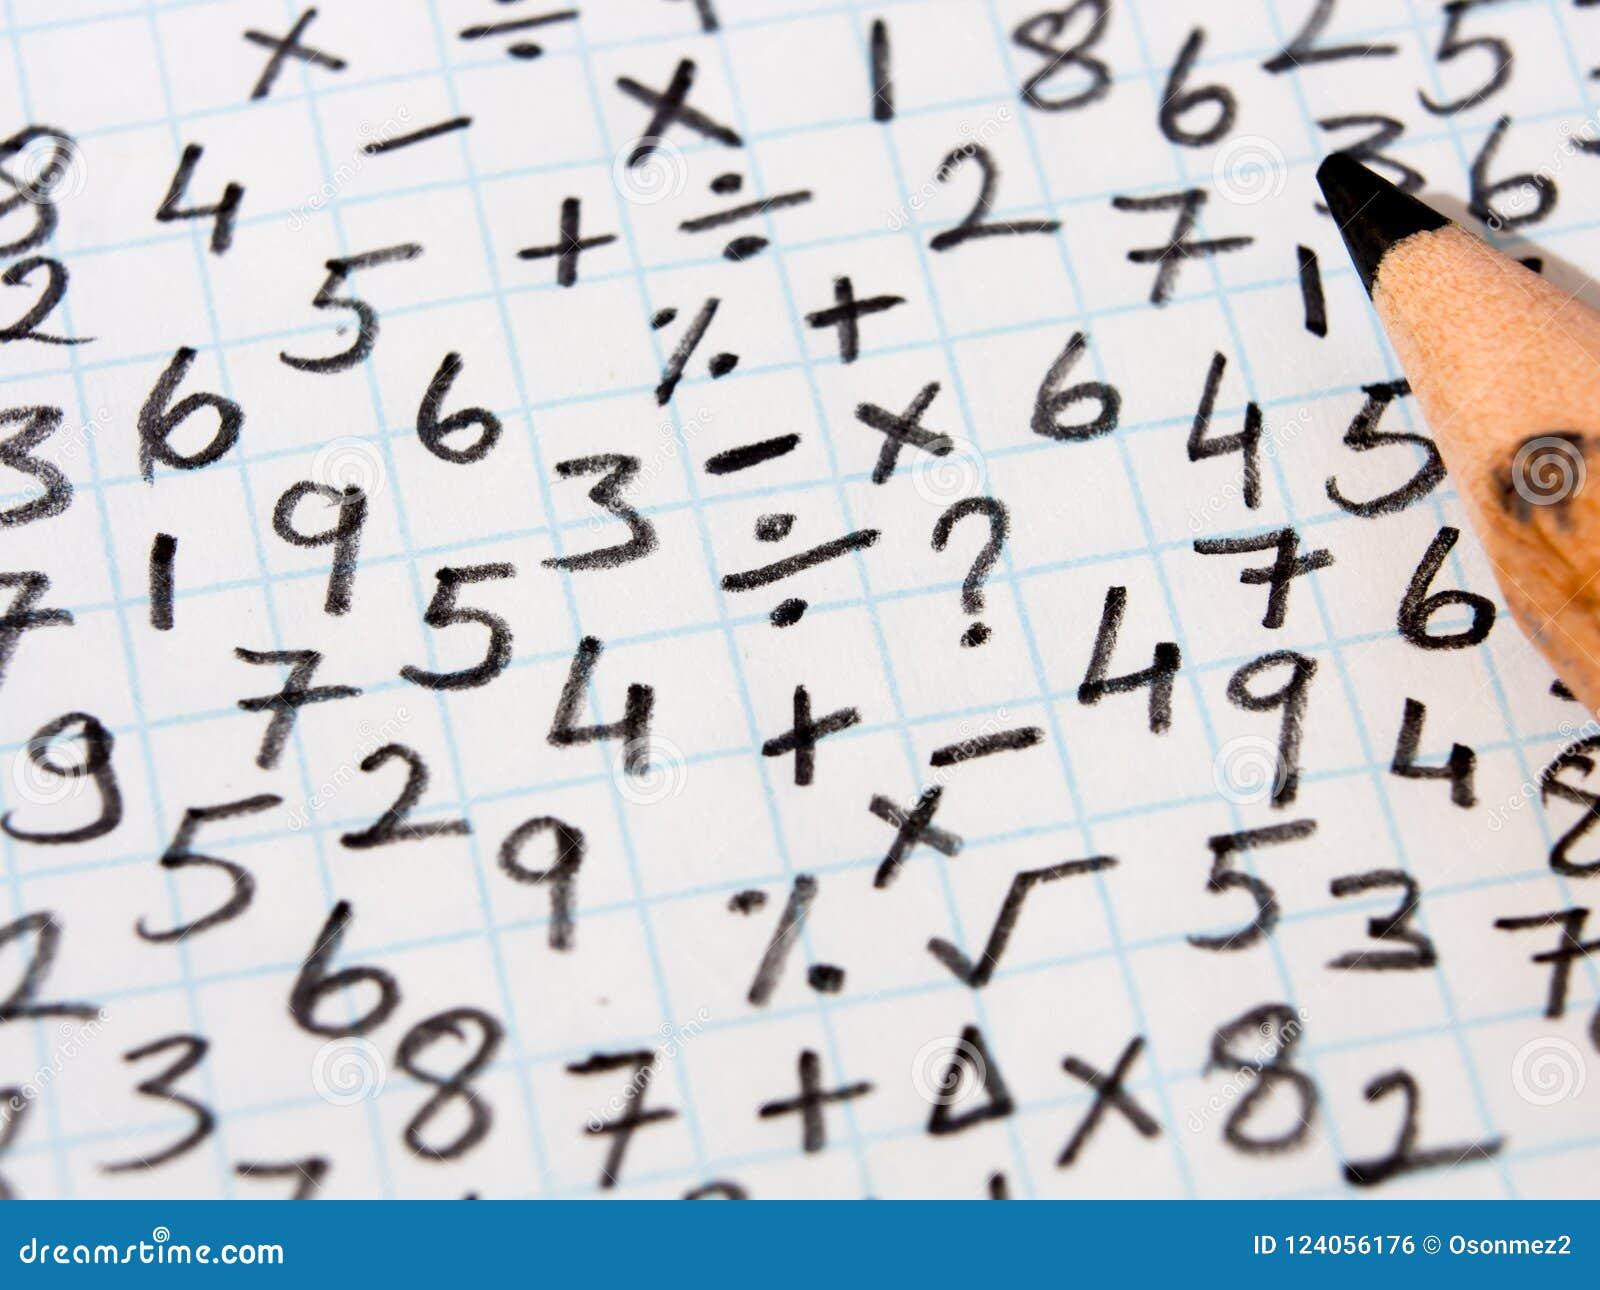 Matematiska symboler och problemlösning